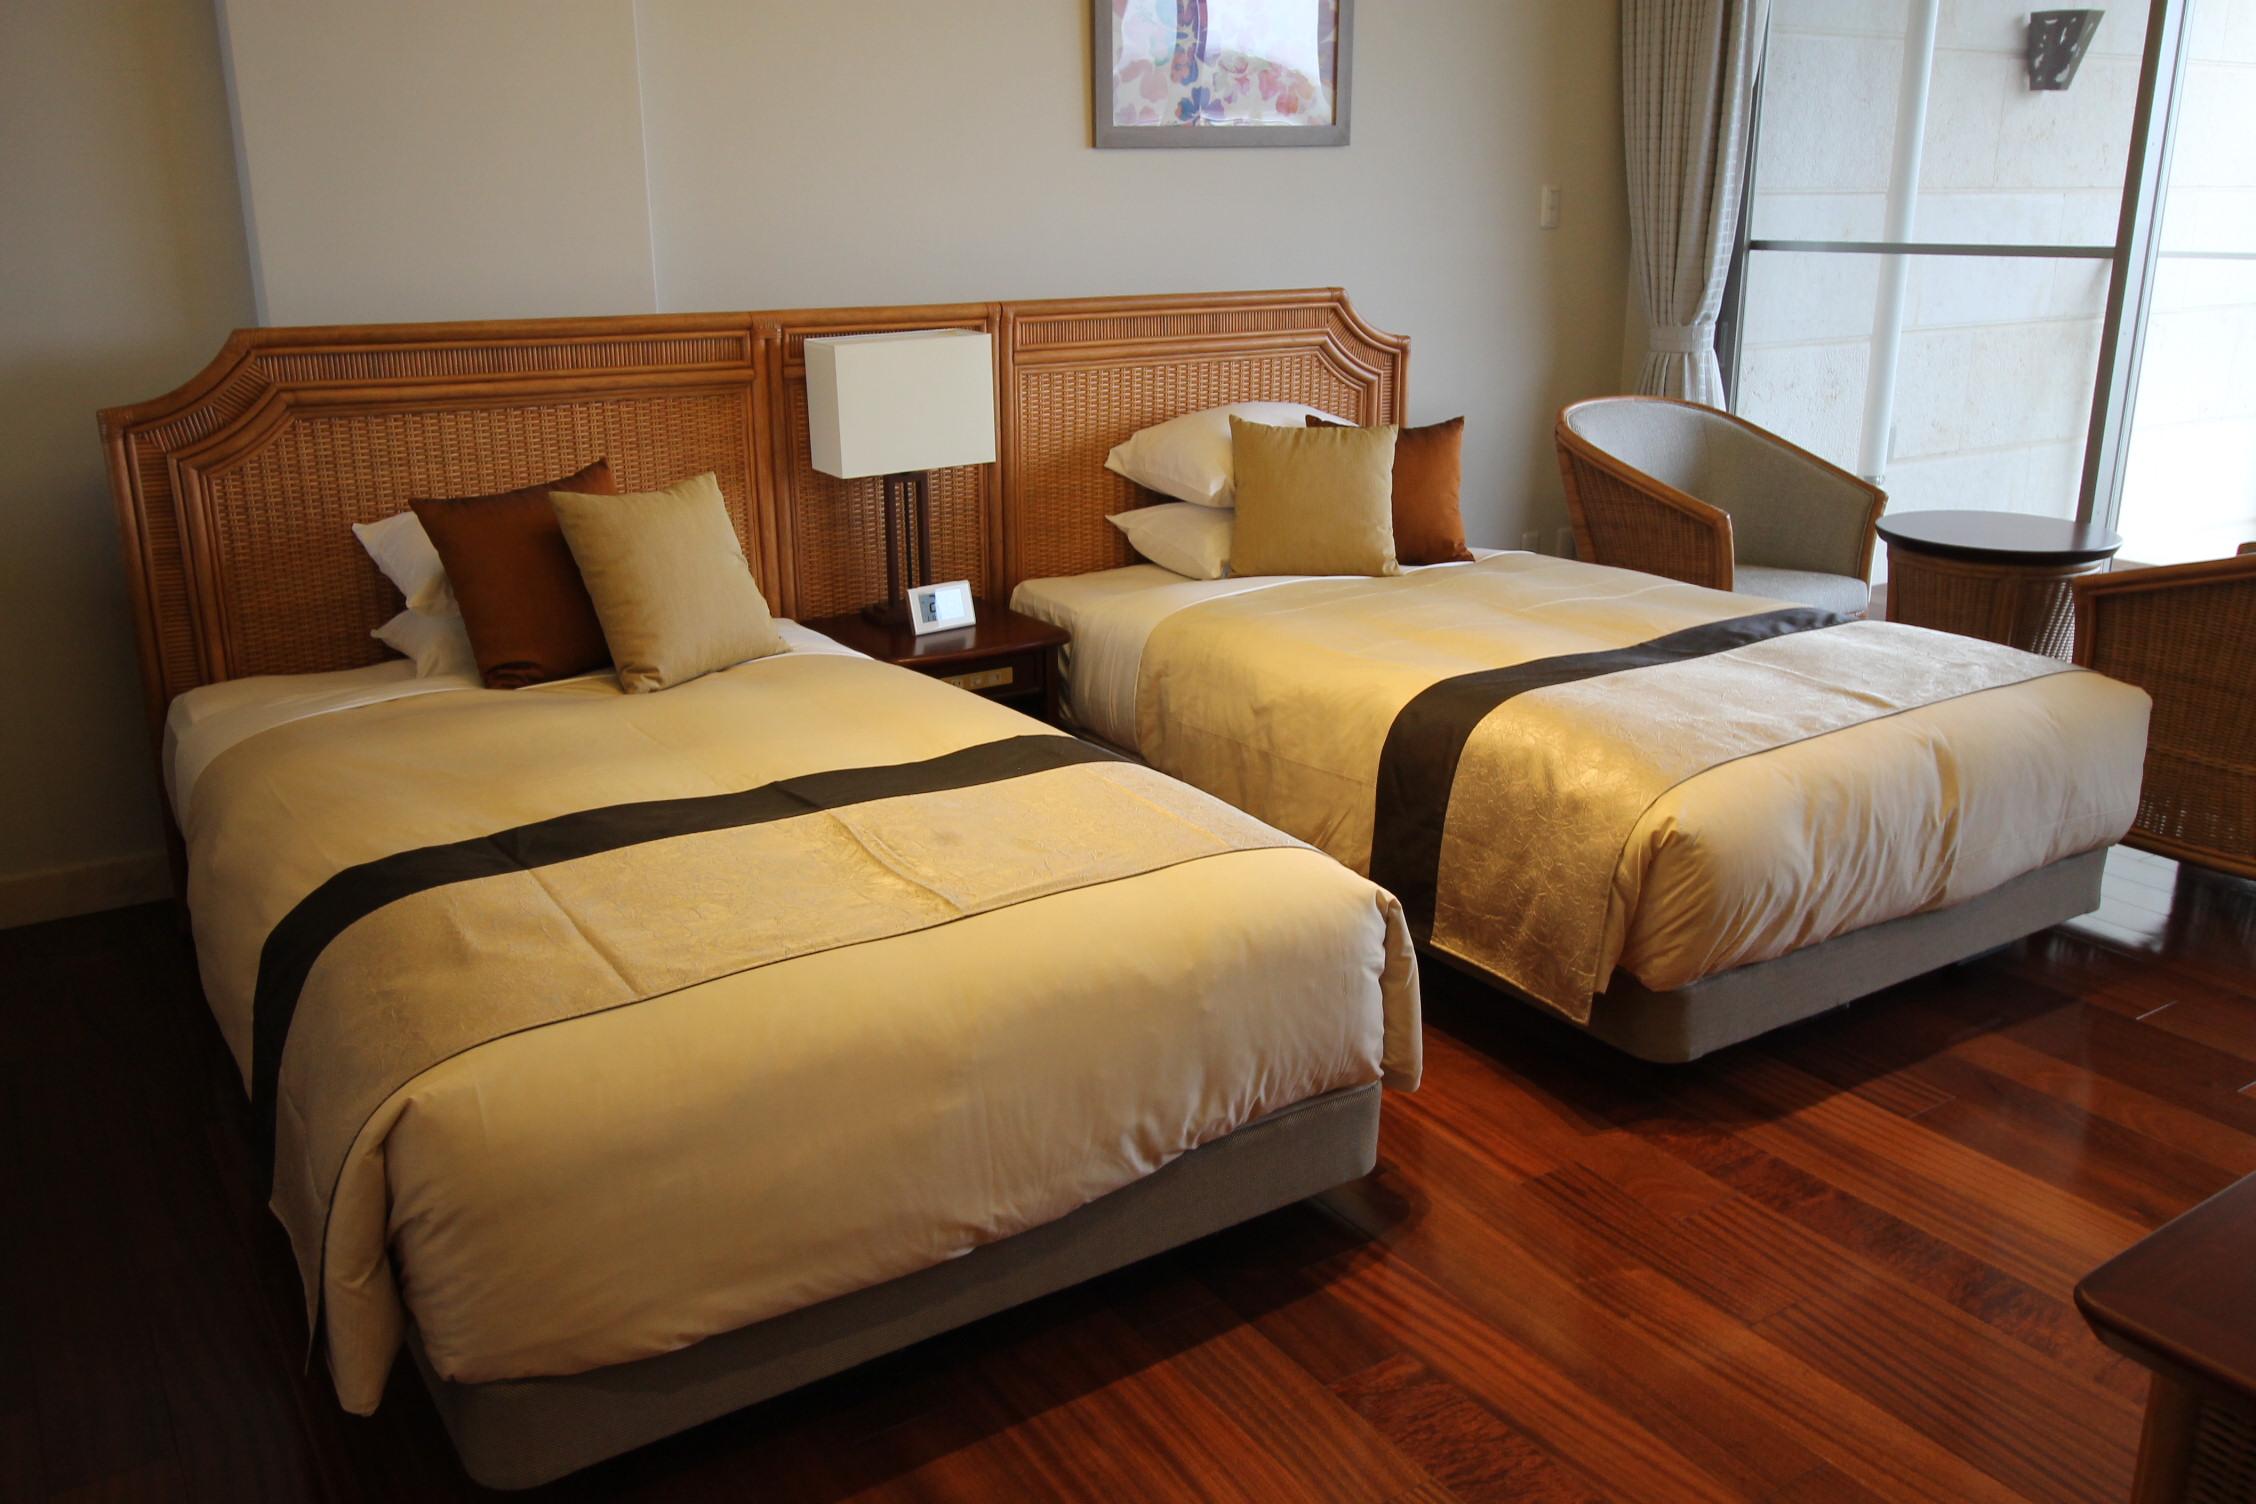 石垣リゾートホテル / ガーデンビュー2F◇エグゼクティブスイート 2BedRoom